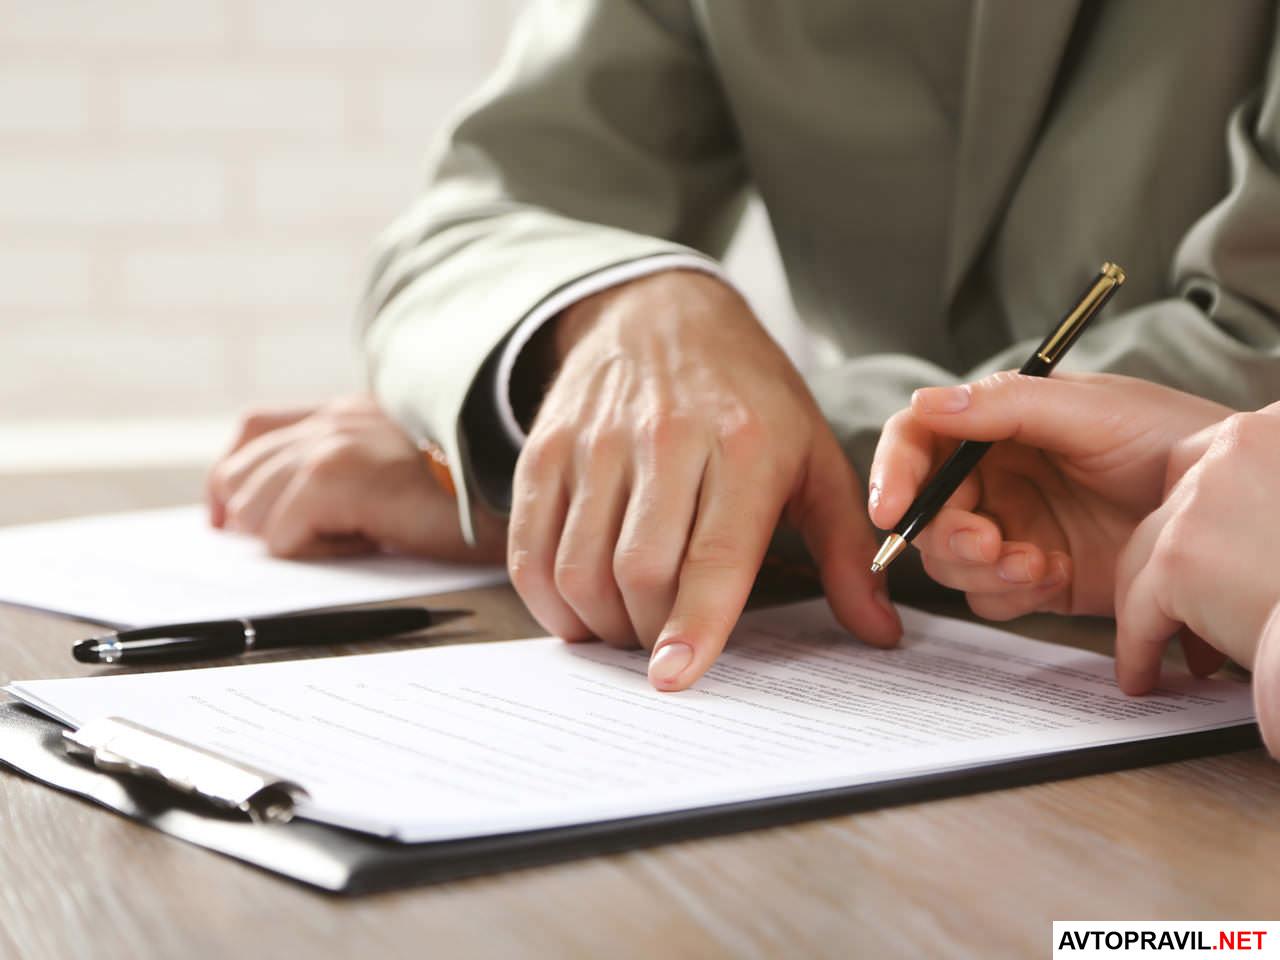 человек помогает заполнить заявление другому человеку на листе бумаги